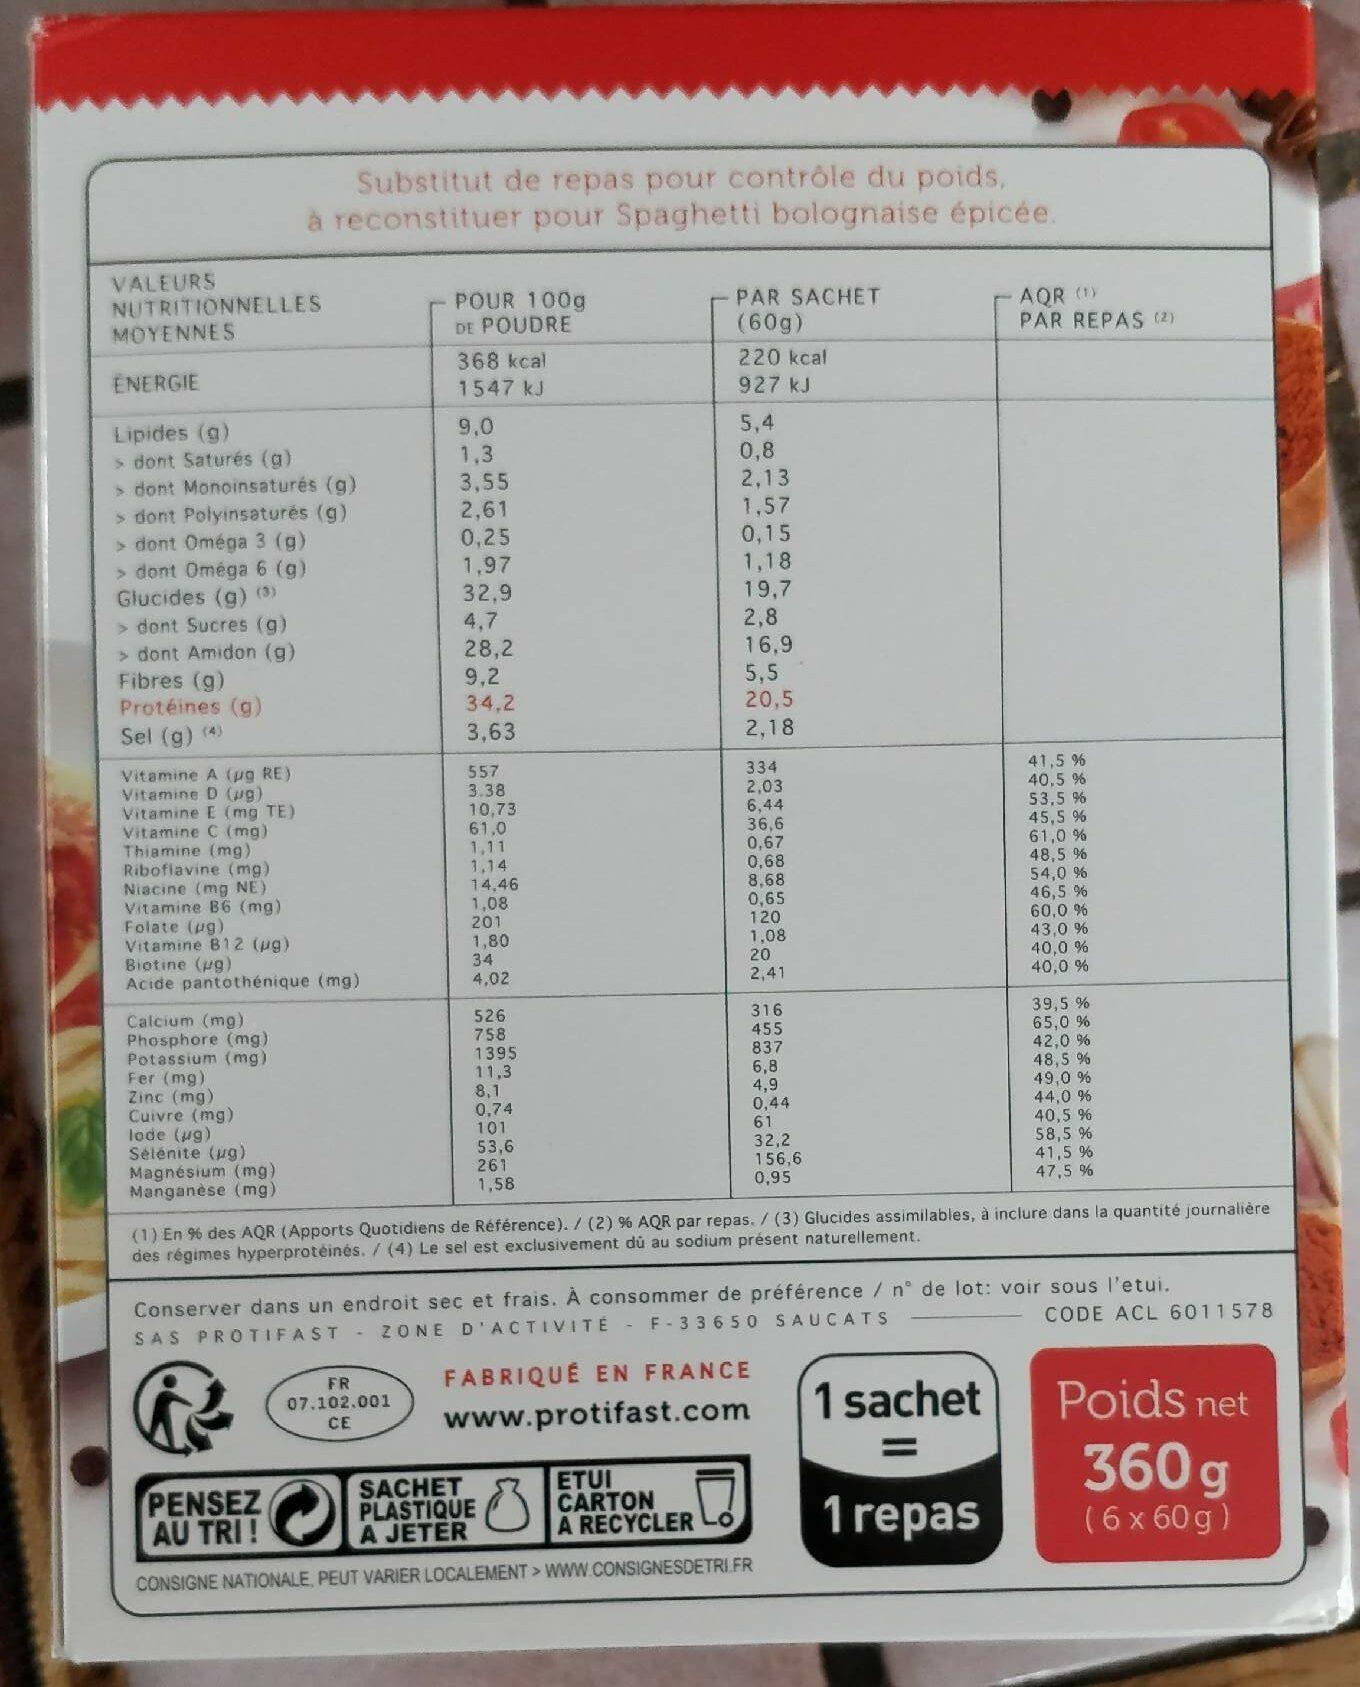 Spaghetti Saveur Bolognaise épicée - 6 Repas - Protifast - Informations nutritionnelles - fr